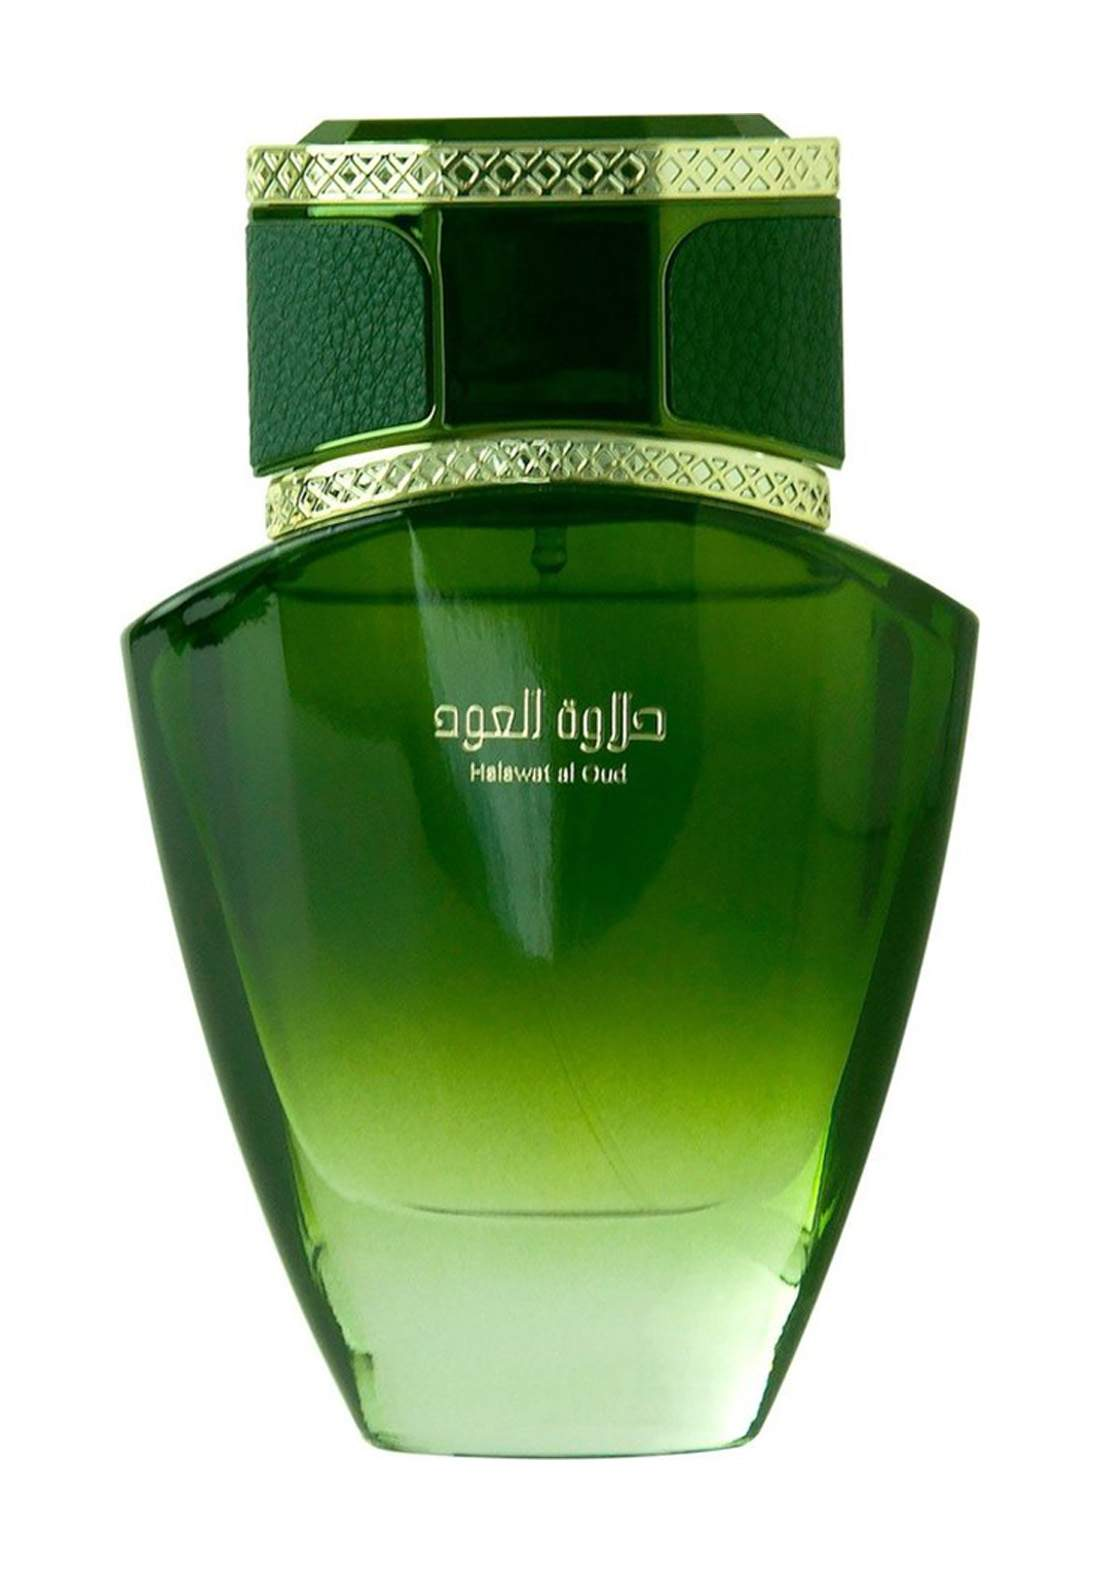 Areen Halawat Al Oud 691 Eau De Toilette 100 ml عطر لكلا الجنسين